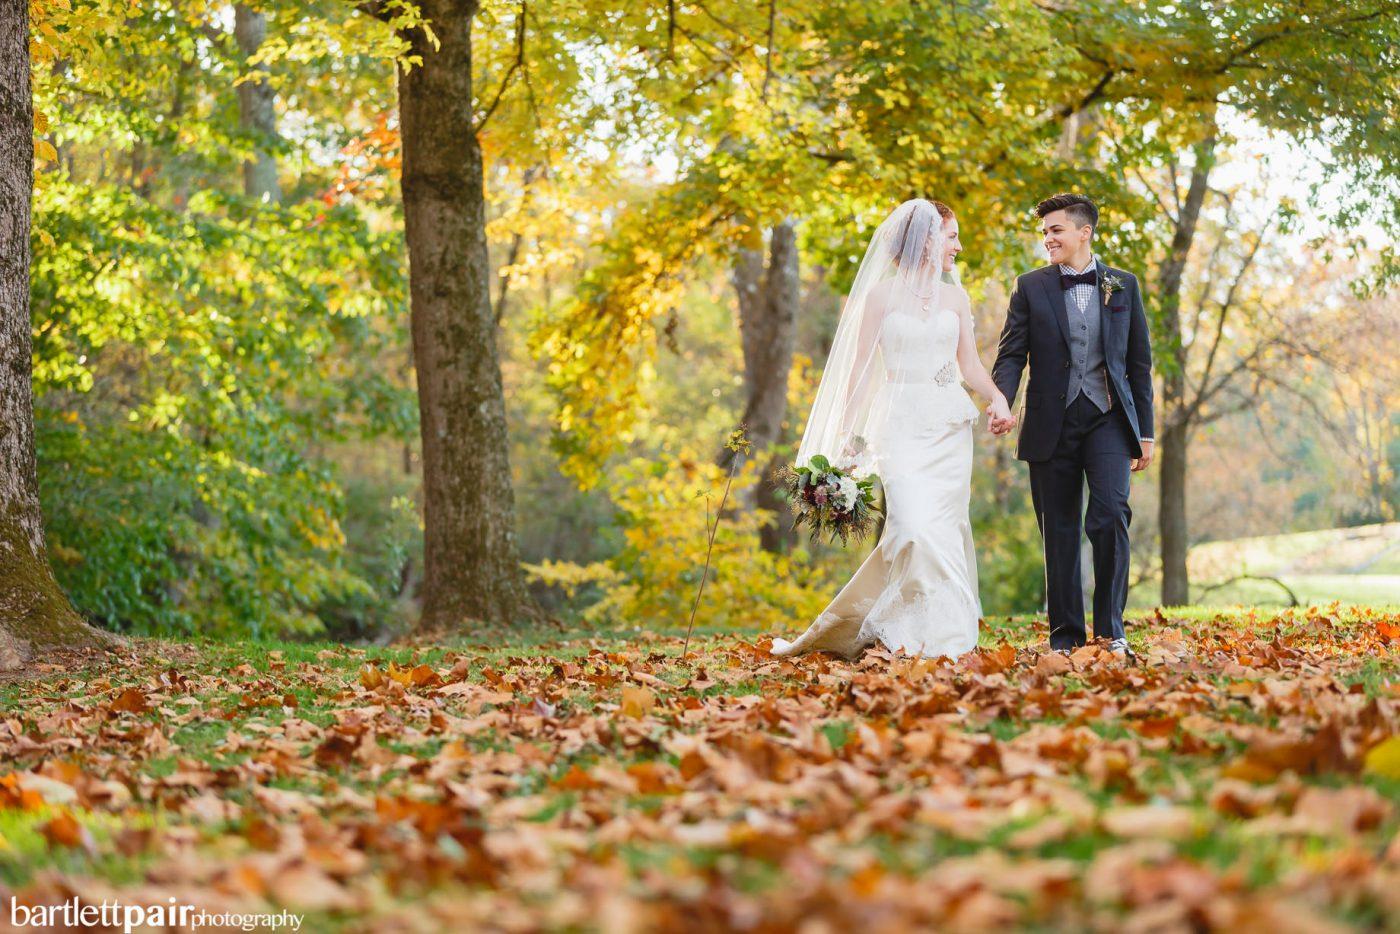 Culori potrivite pentru nunta de toamna